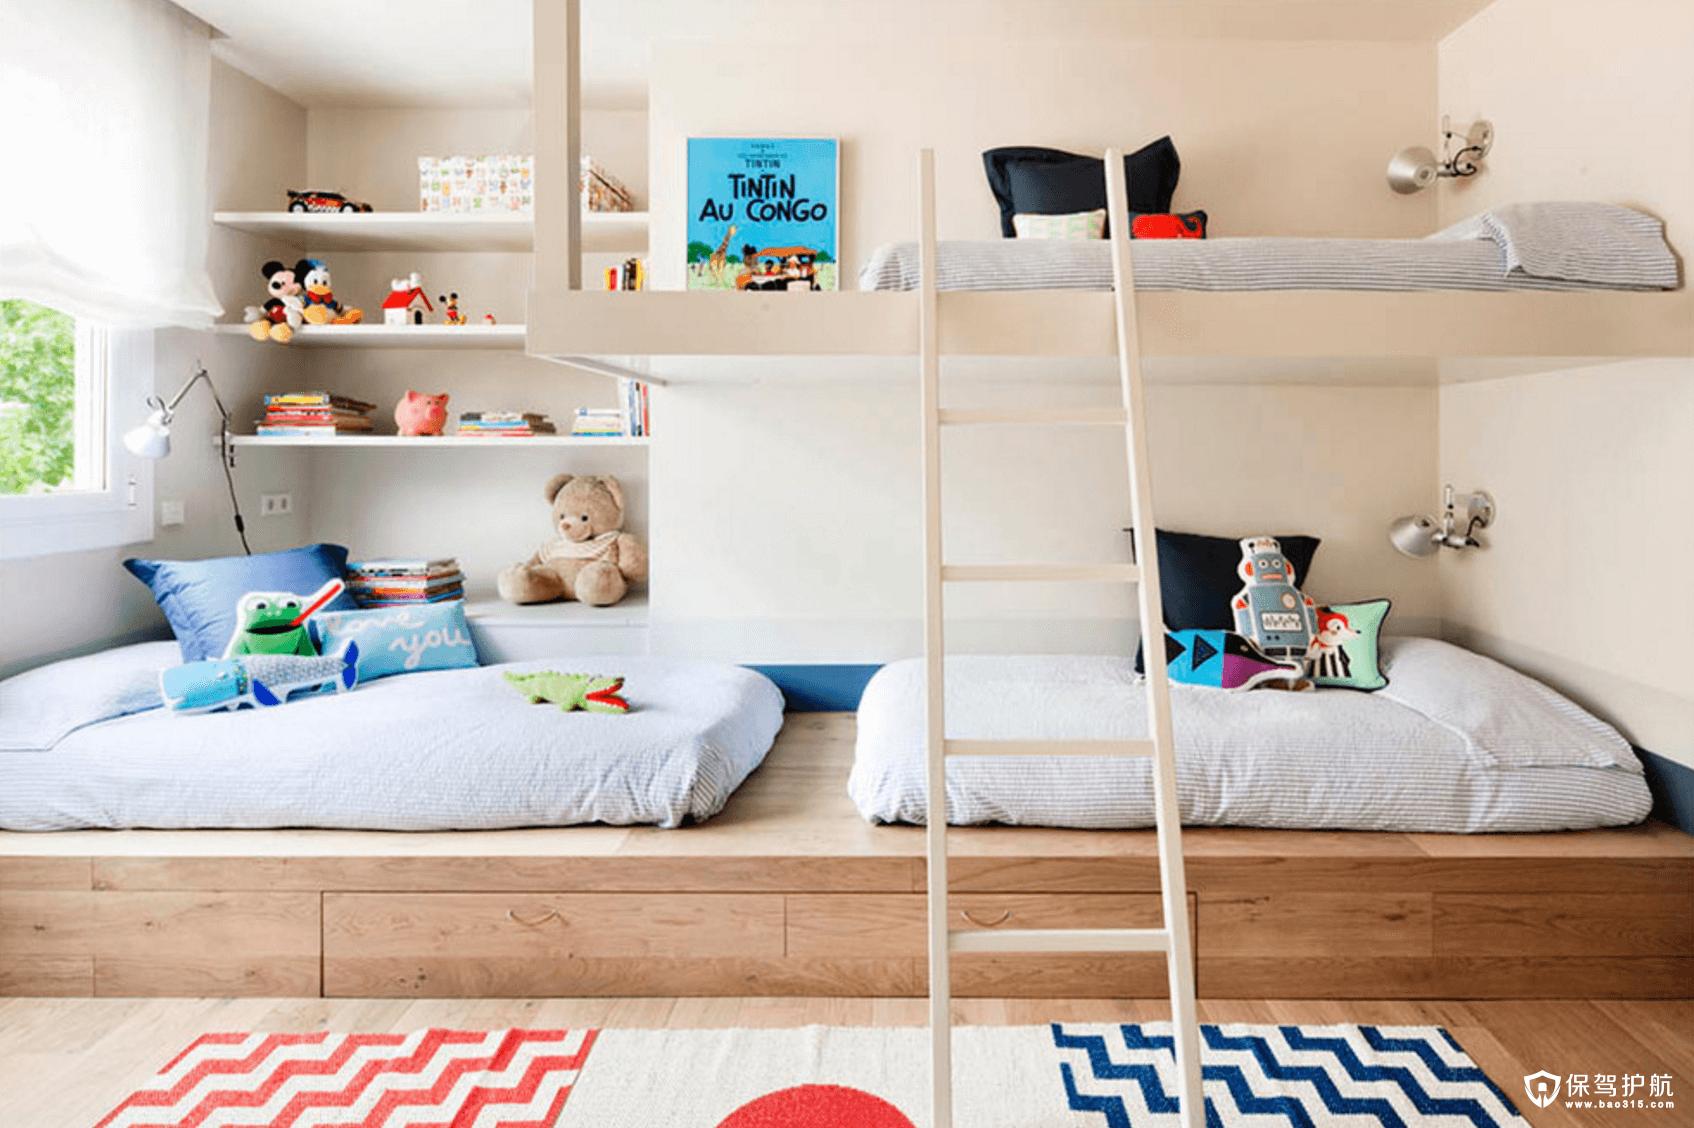 下面小编就准备了儿童卧室装修效果图大全锦集给大家,大家可以来